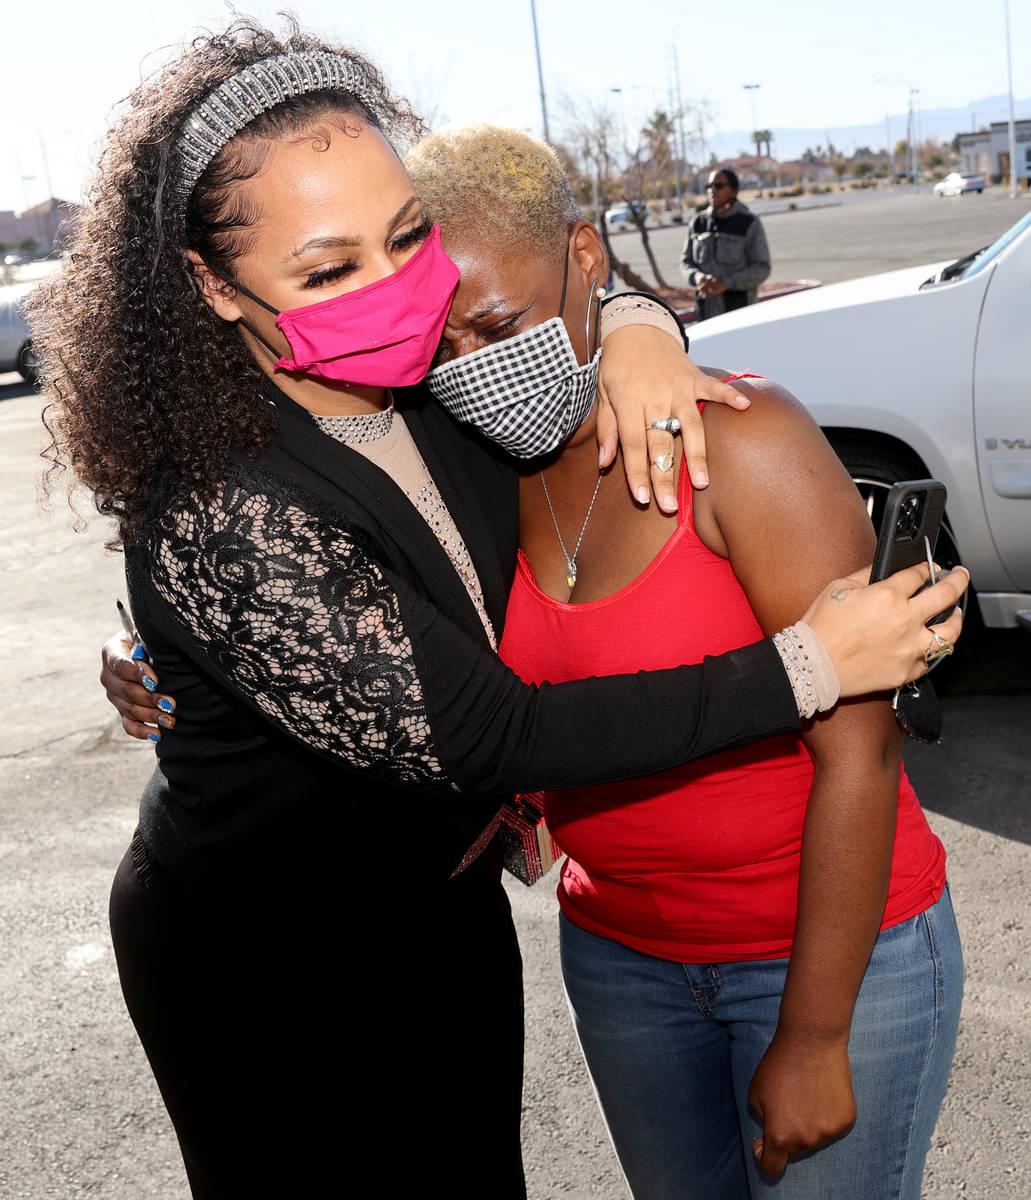 Kenya Young, de 39 años, a la derecha, es consolada por su amiga Jazzmen Hicks durante la cole ...